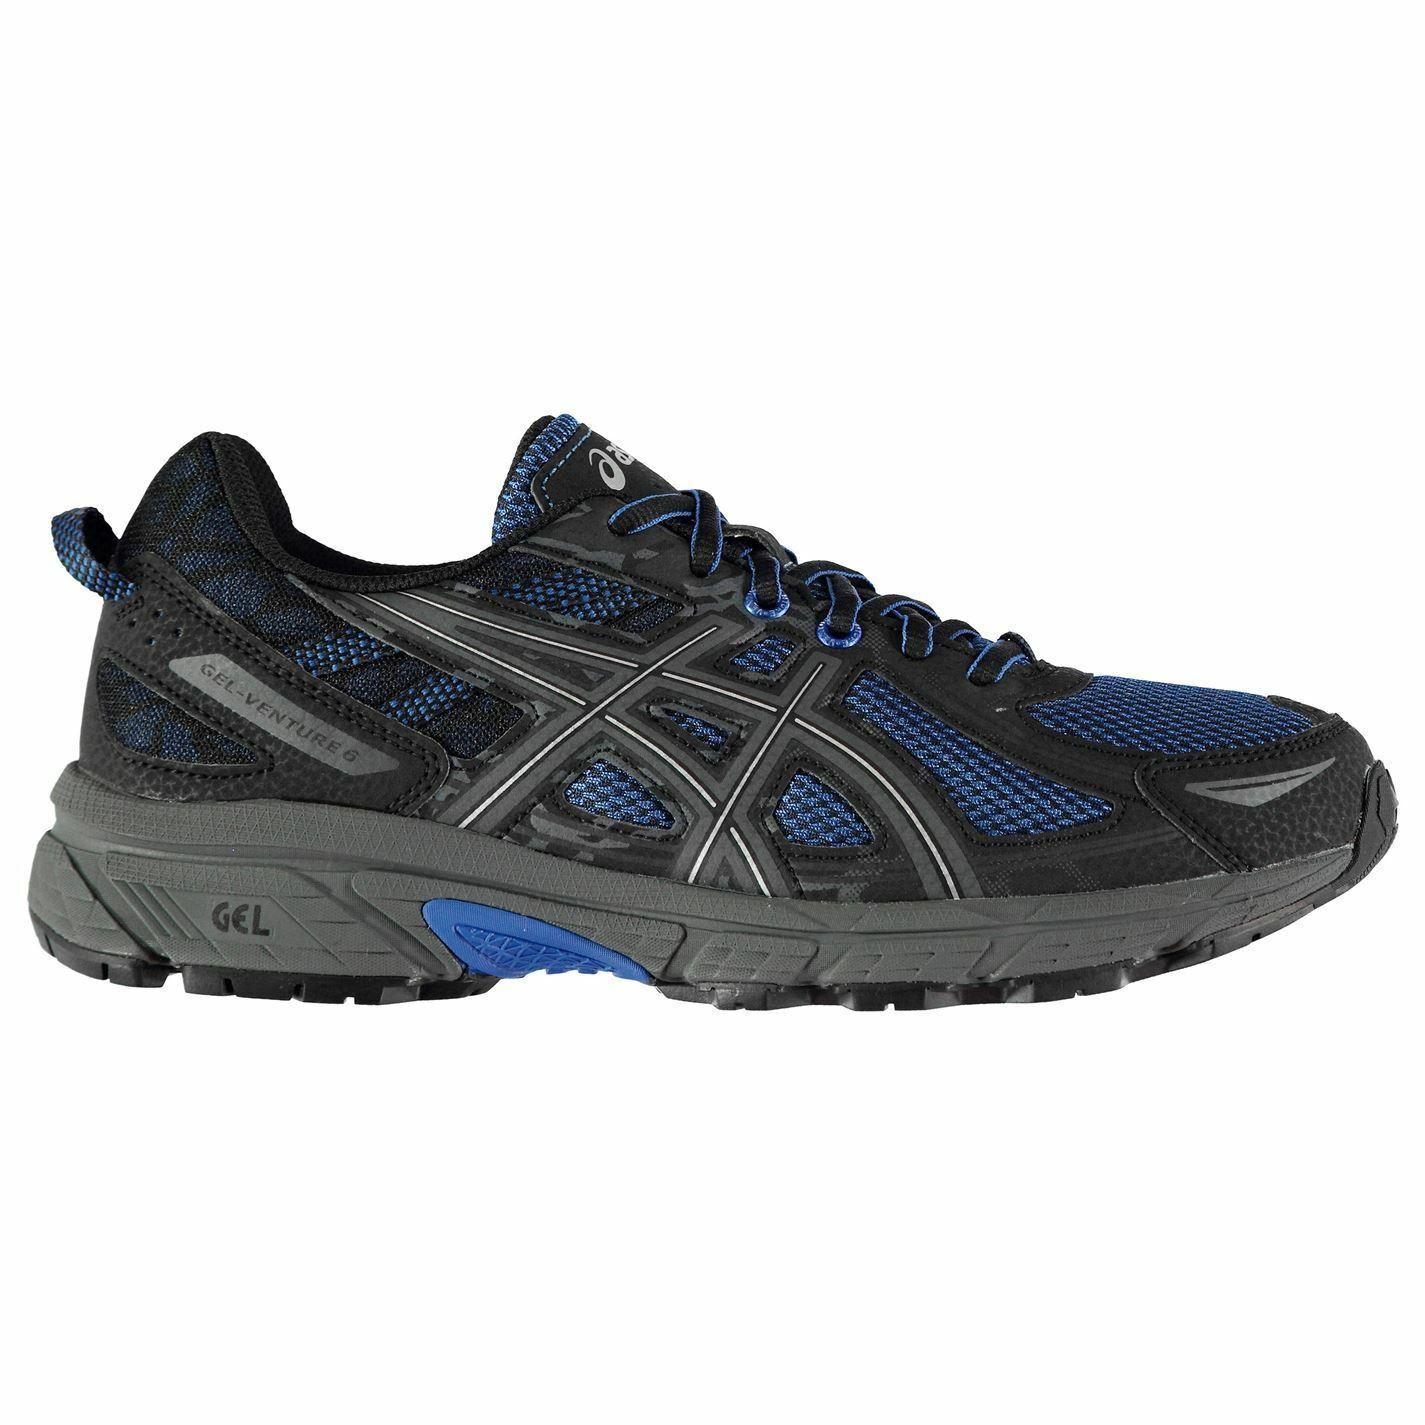 Asics Gel Venture 6 Calzado para Correr para Hombre Fitness Jogging Zapatillas zapatillas